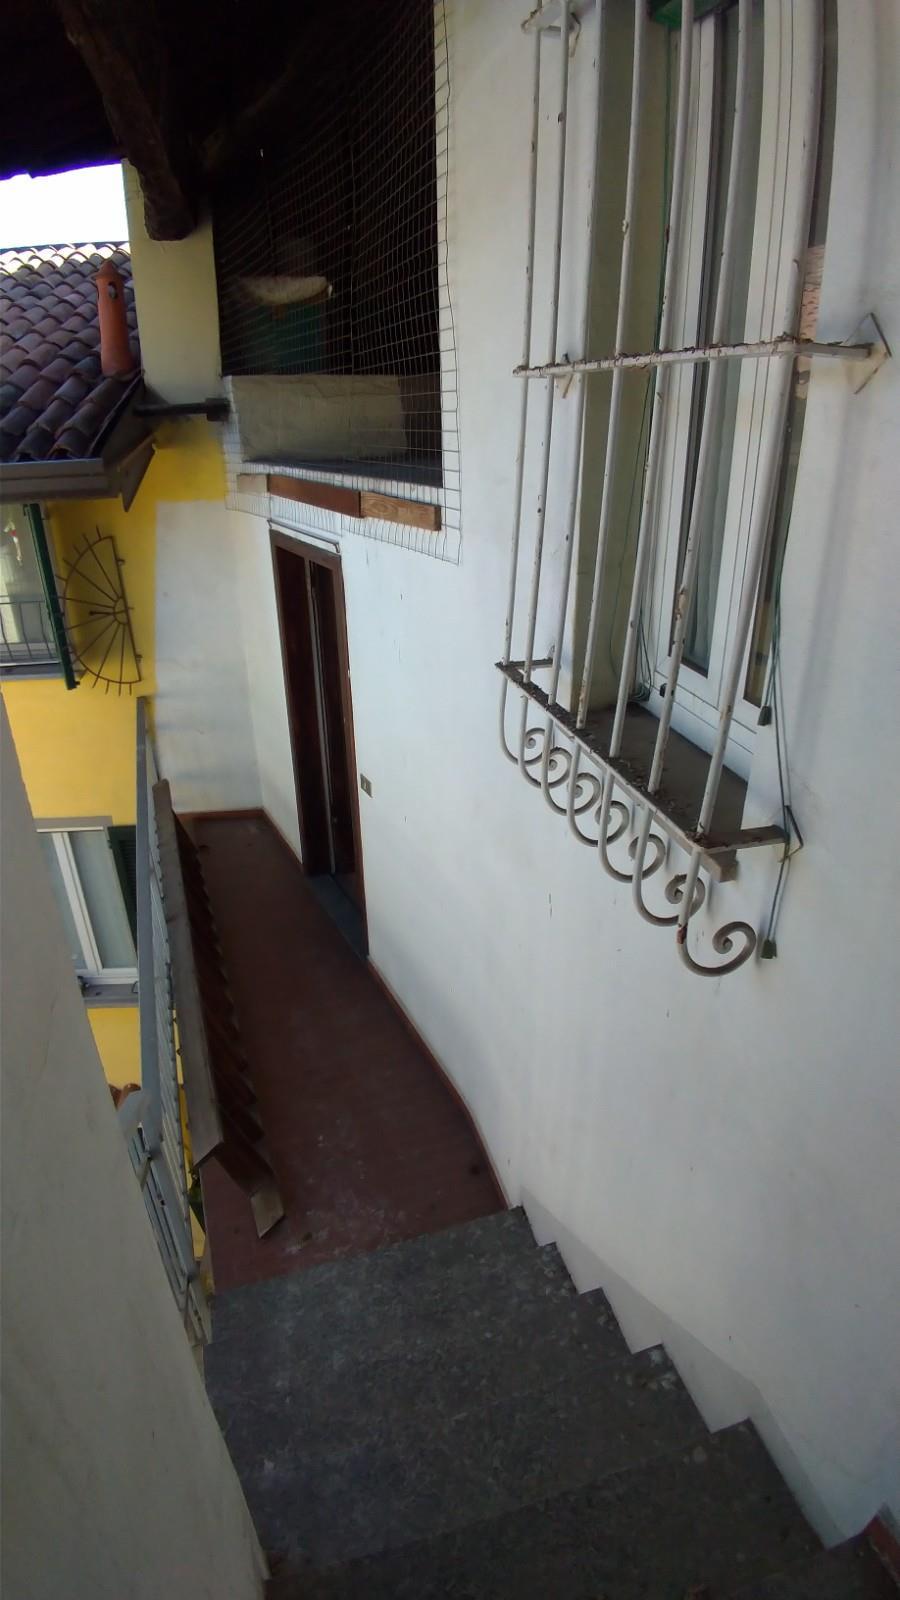 Foto 10 - Casa indipendente in Vendita - Valgreghentino (Lecco)